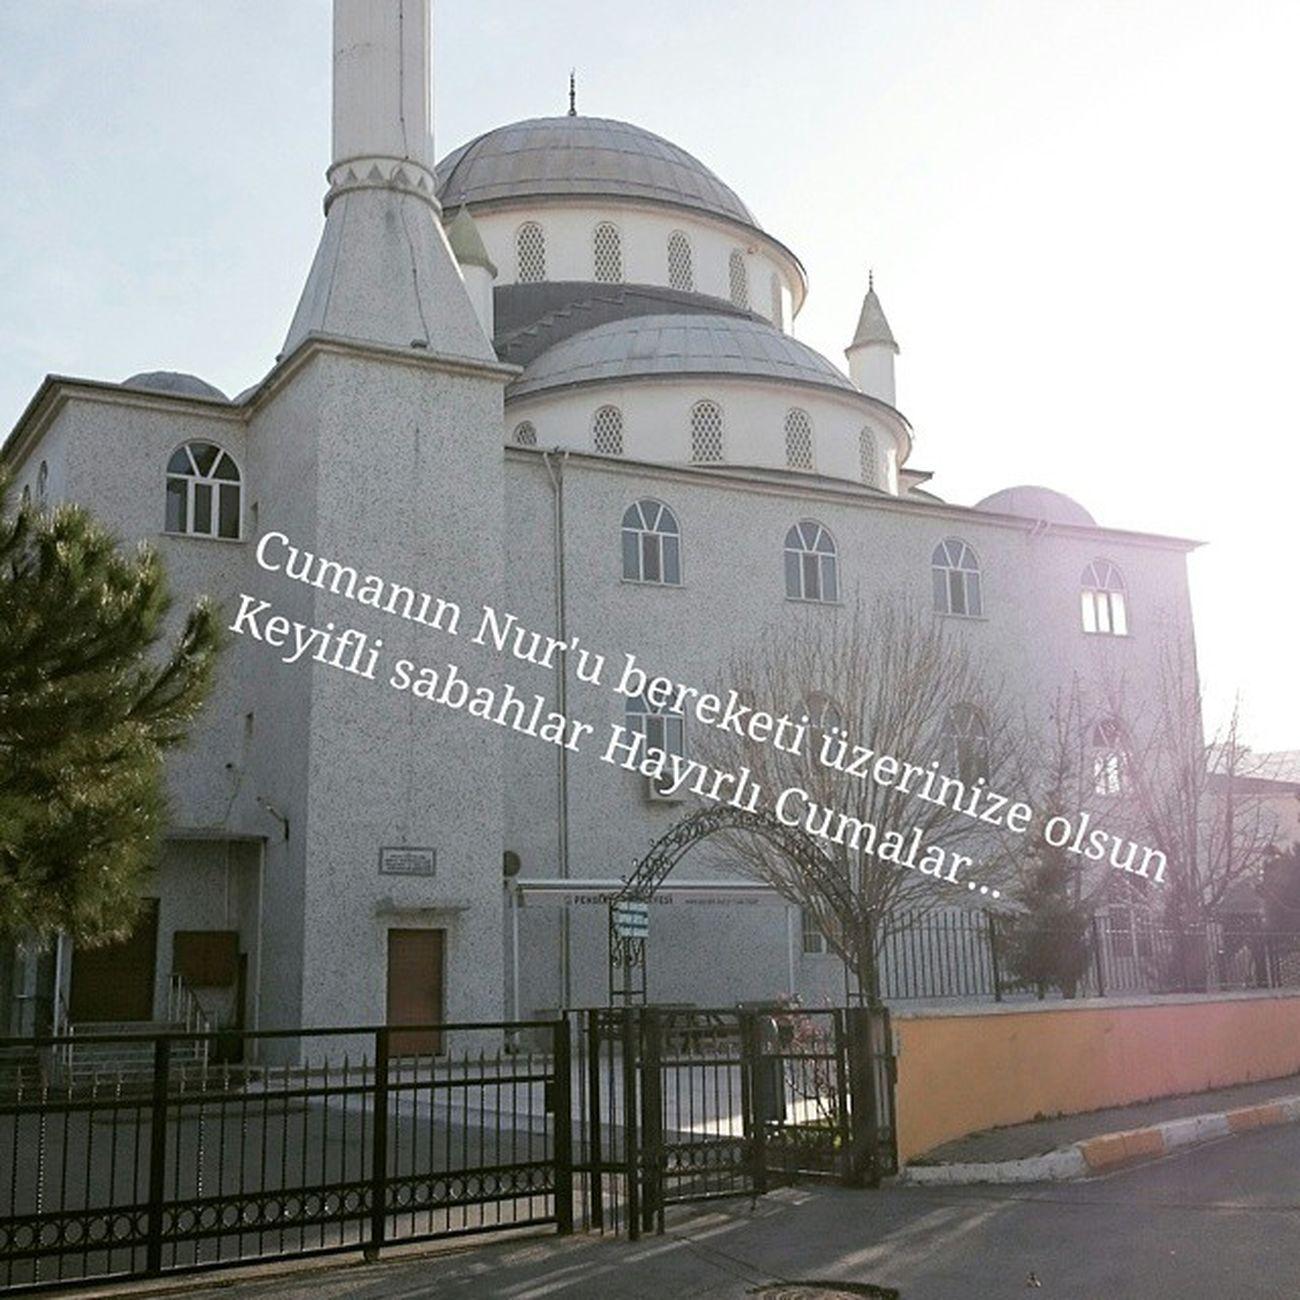 Cumanın Nur 'u Bereketi üzerinize olsun Keyifli sabahlar Hayırlı Cumalar...